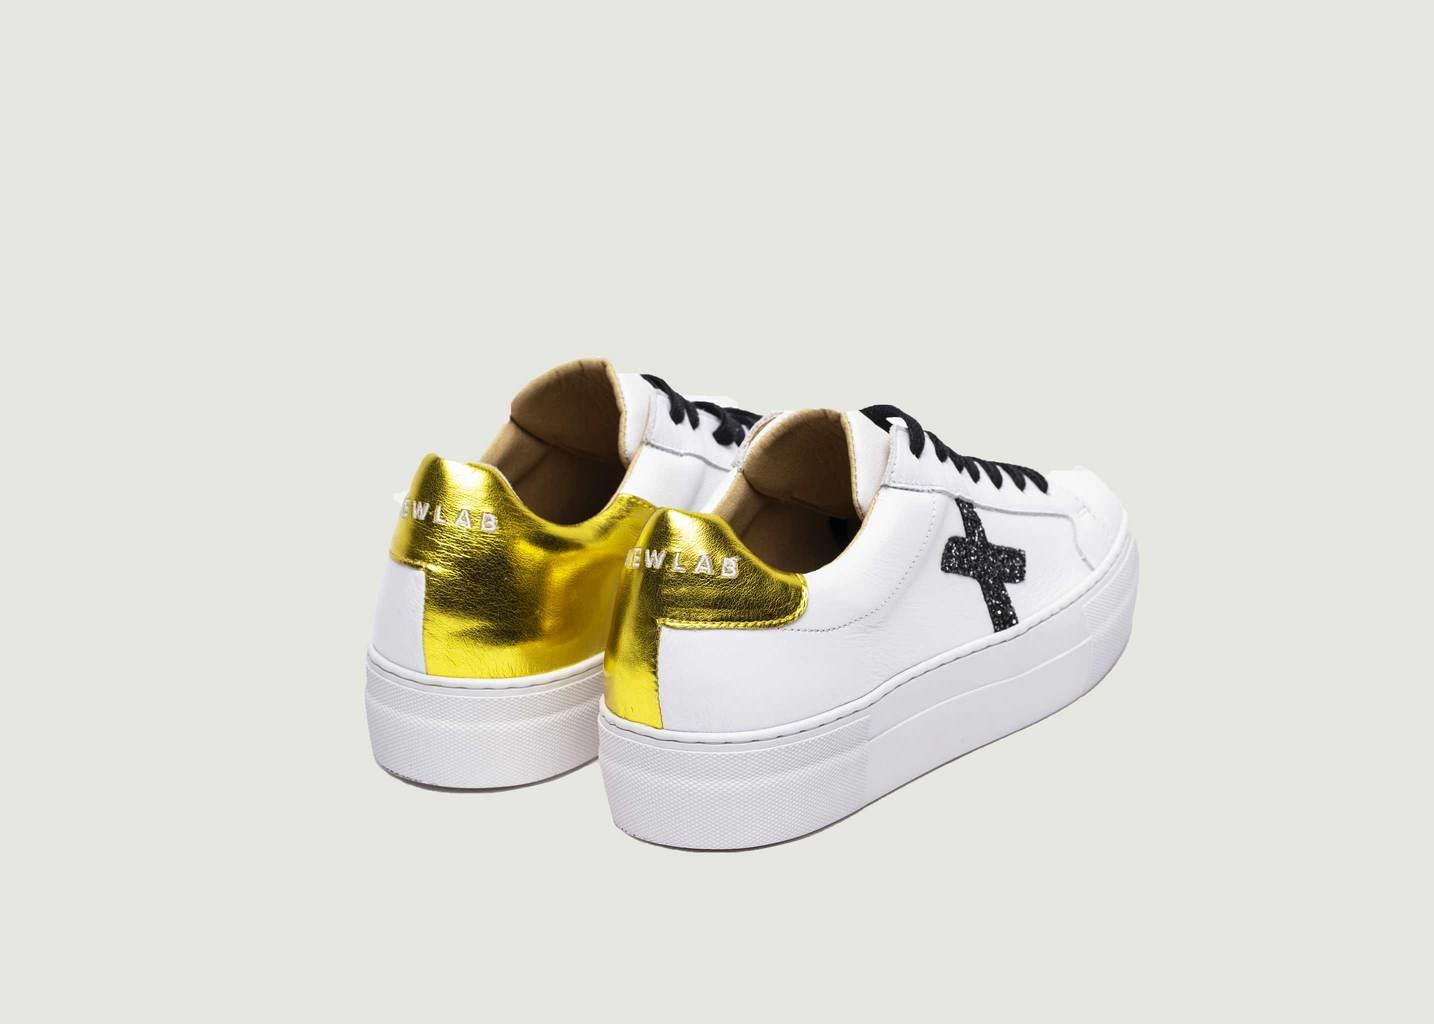 Sneakers NL08 - Newlab